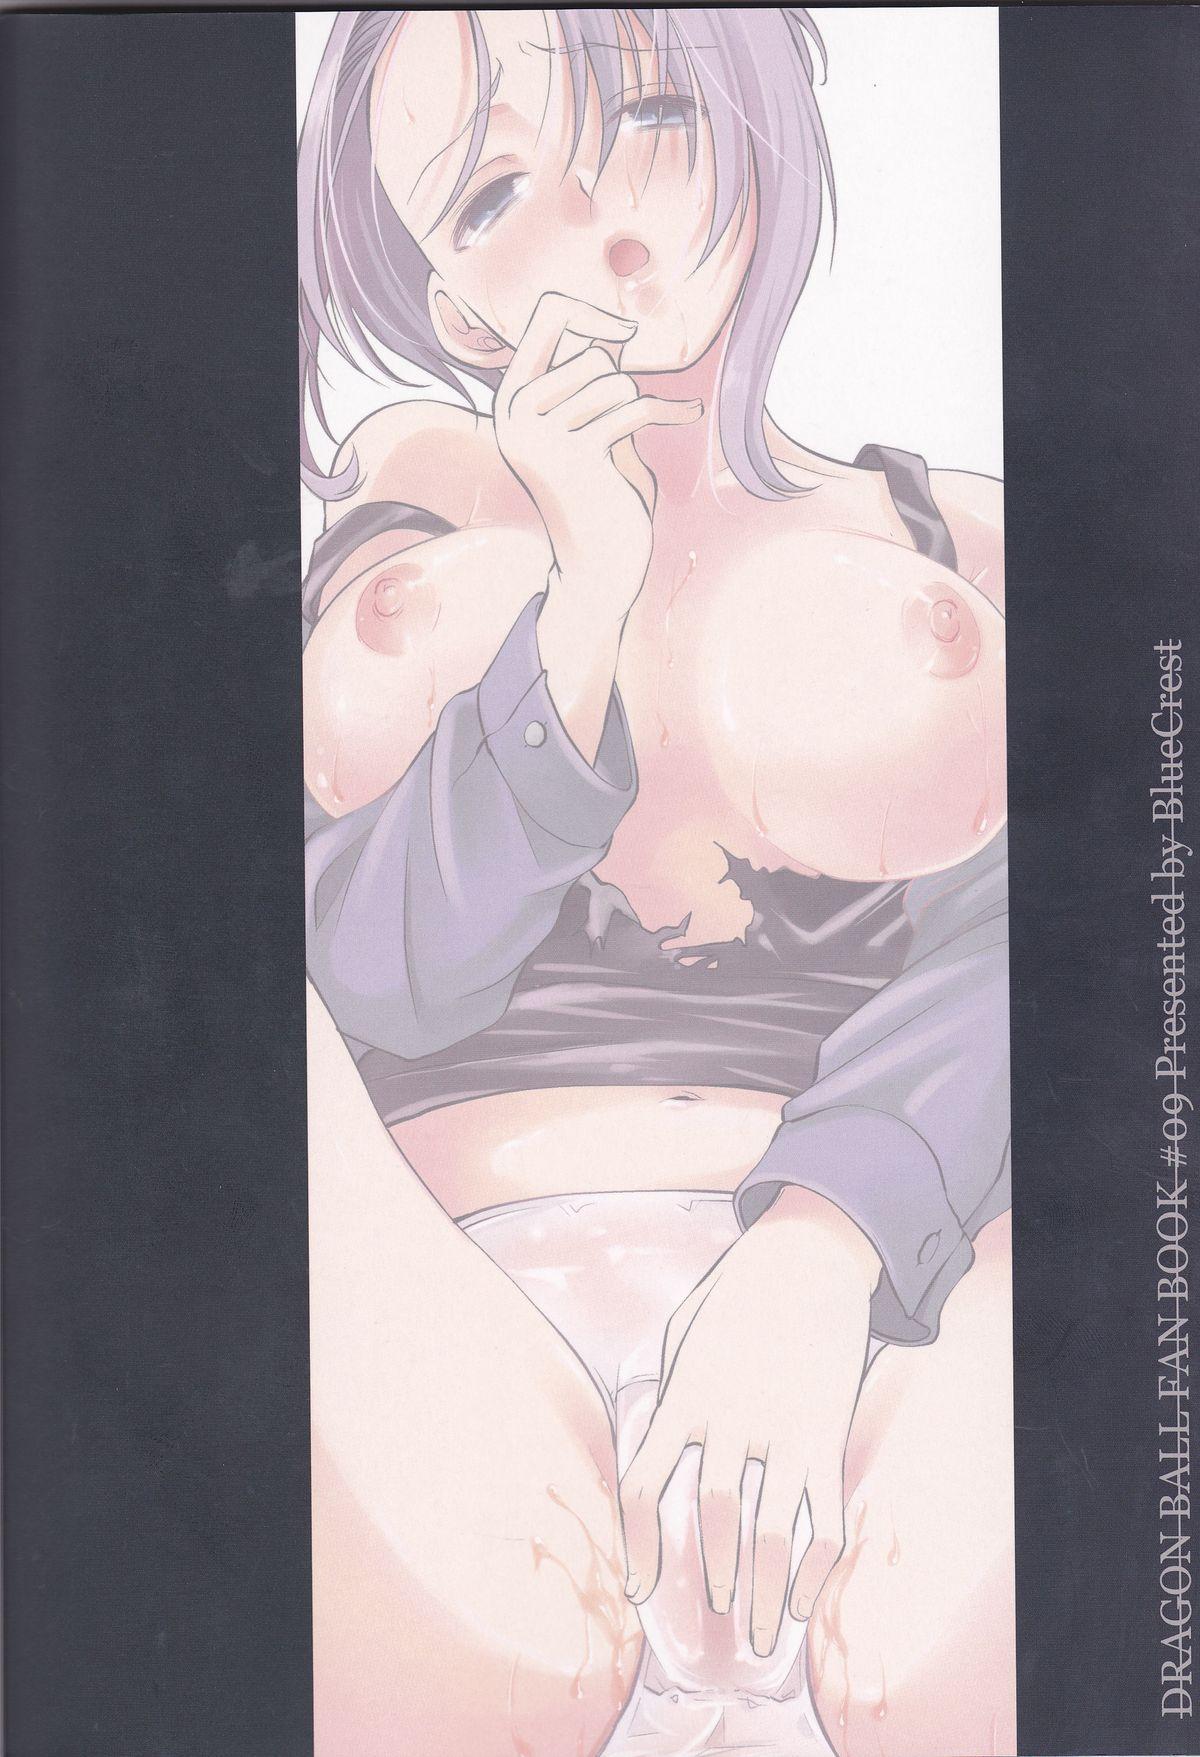 Soshite Boku wa Sono Suisen ni Miirareta. 44